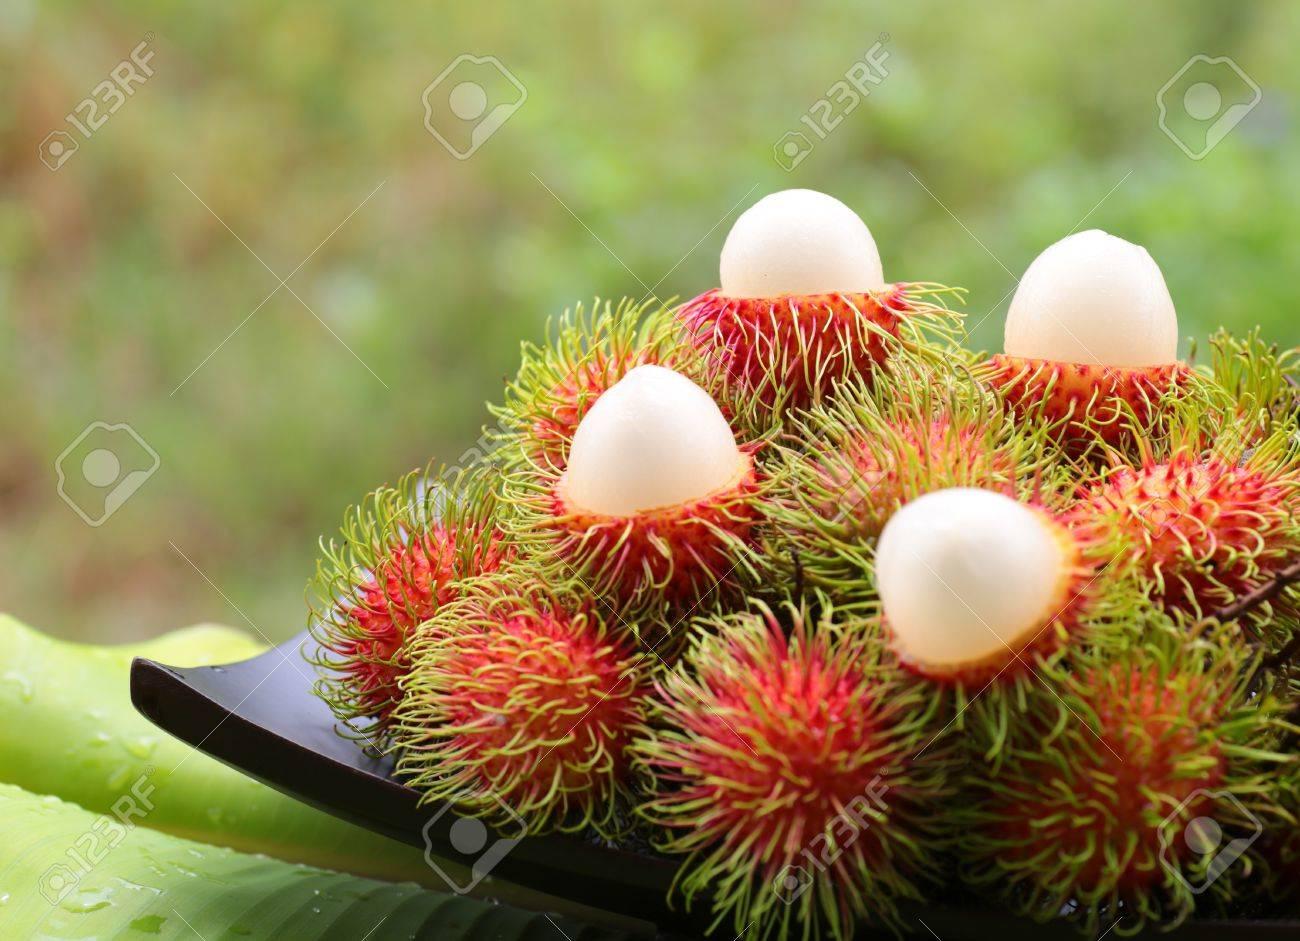 asian fruit rambutan on wooden tray - 19788370